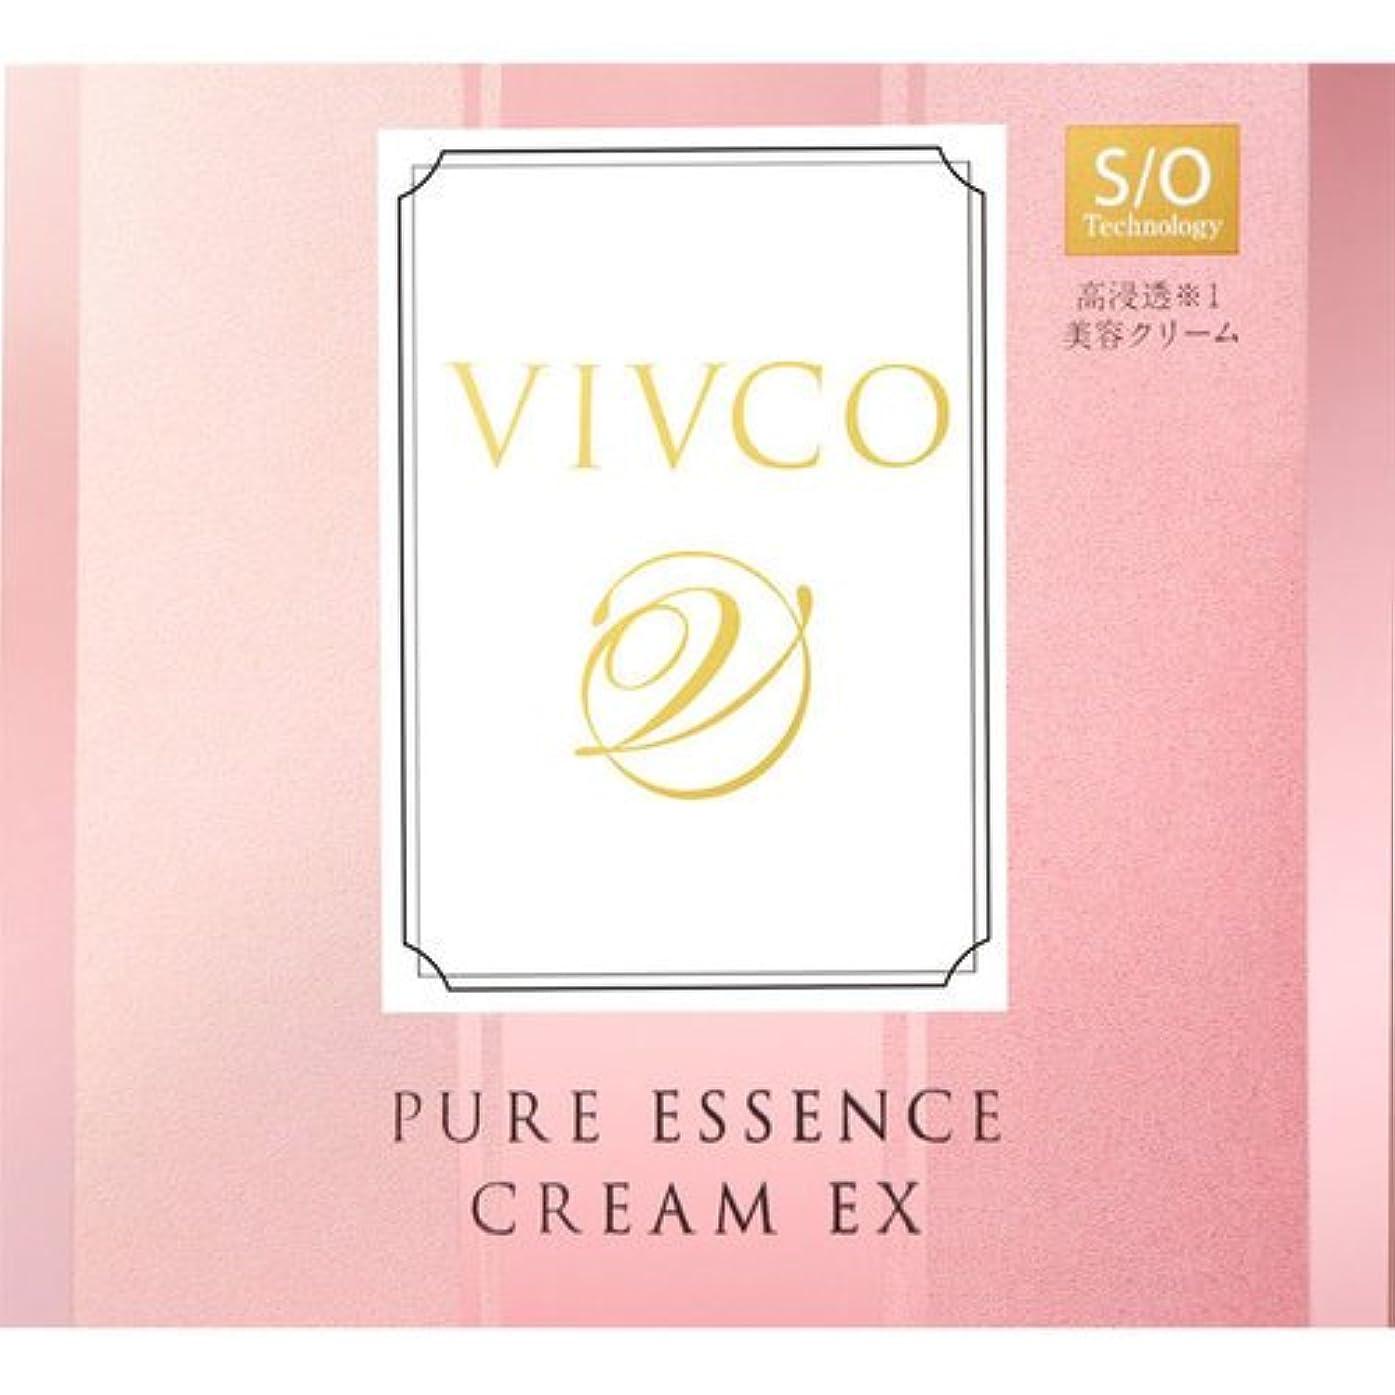 政令正当化する継続中VIVCO(ヴィヴコ) ピュアエッセンス クリームEX 60g